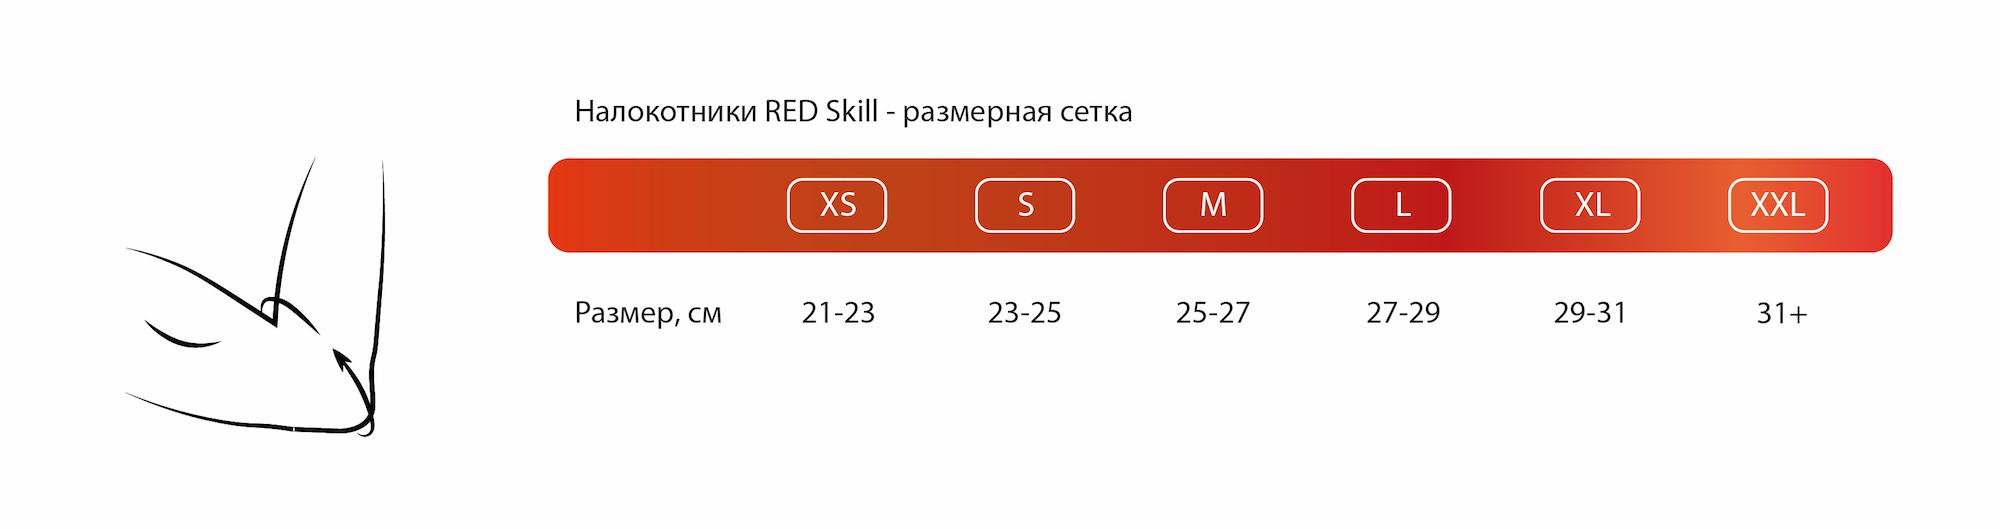 Как определить размер налокотников